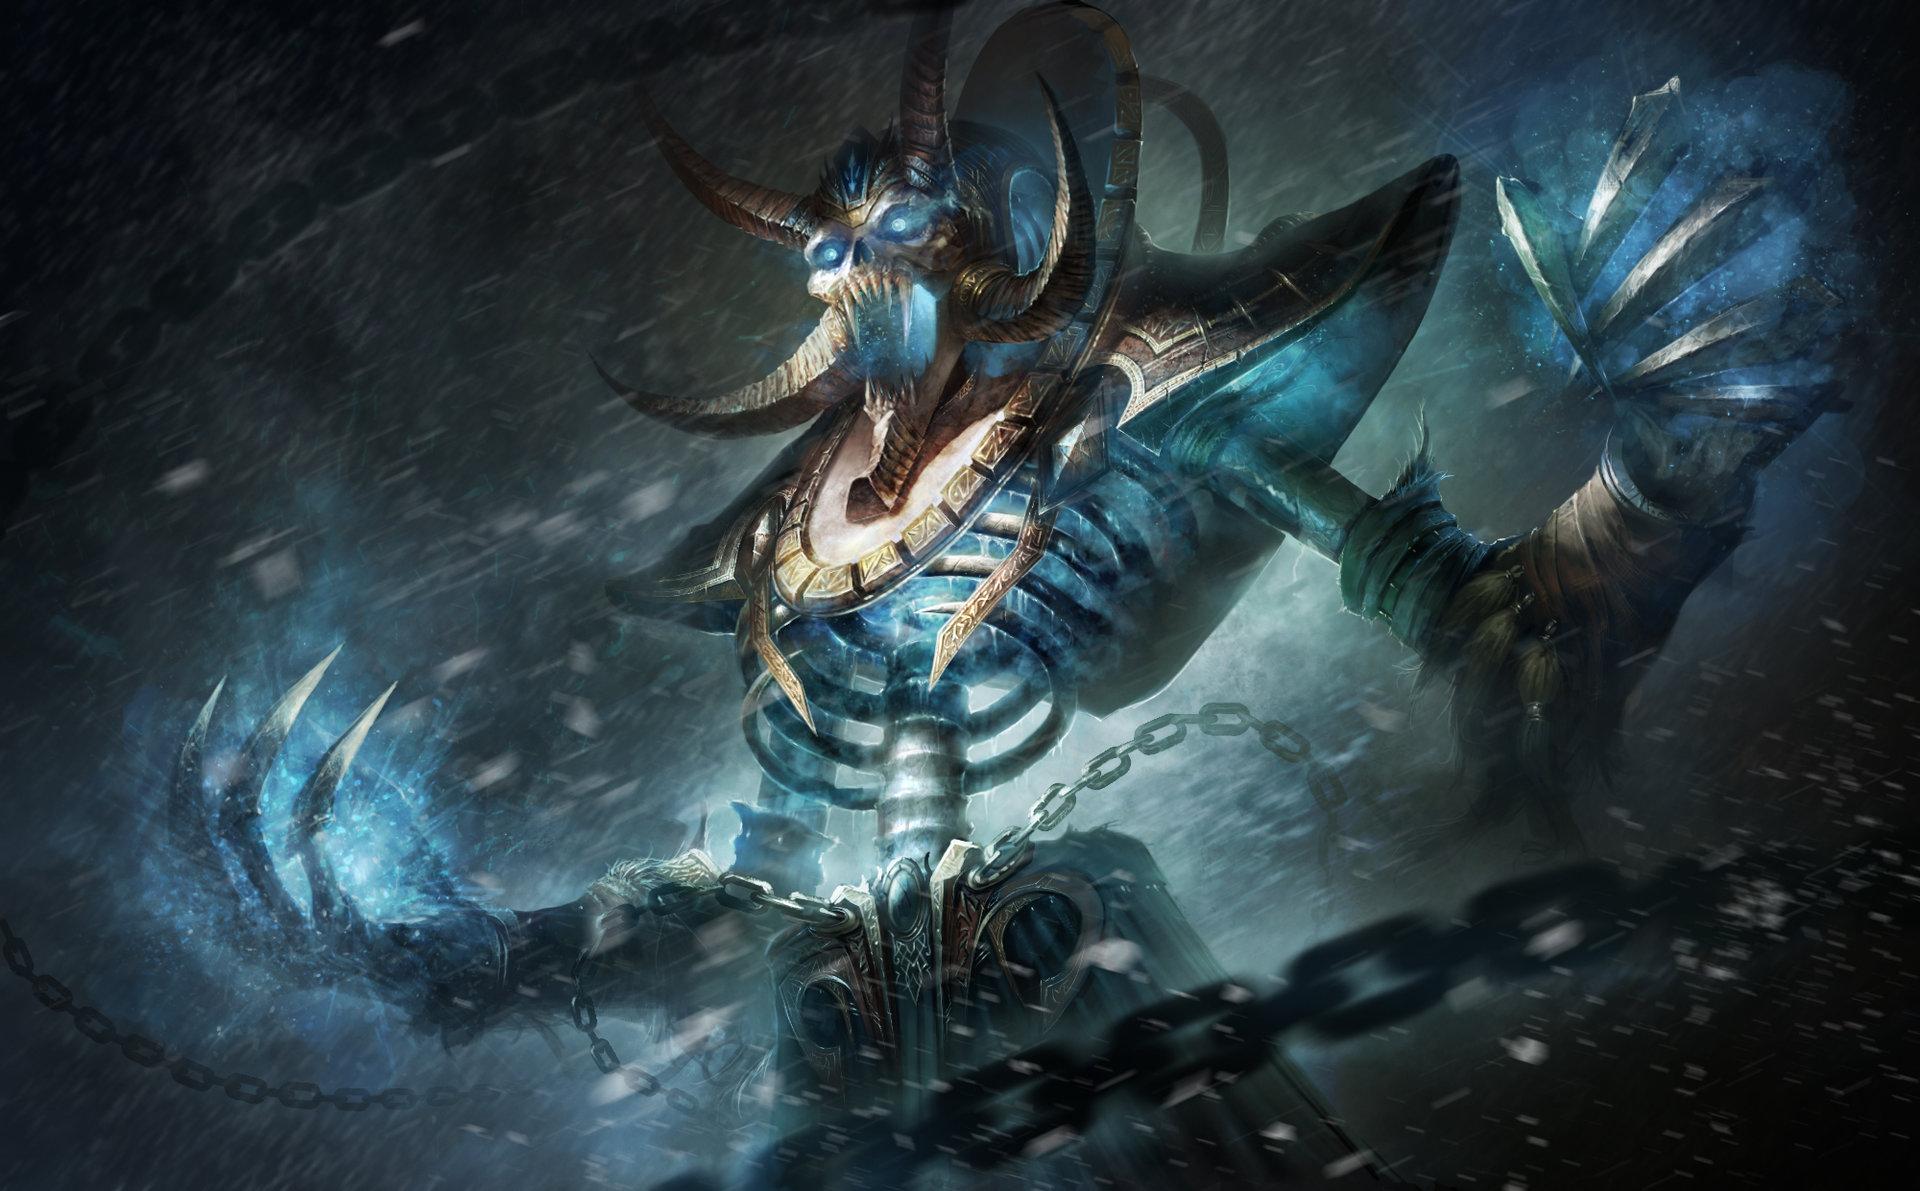 画作 天灾军团首席智囊 大巫妖克尔苏加德